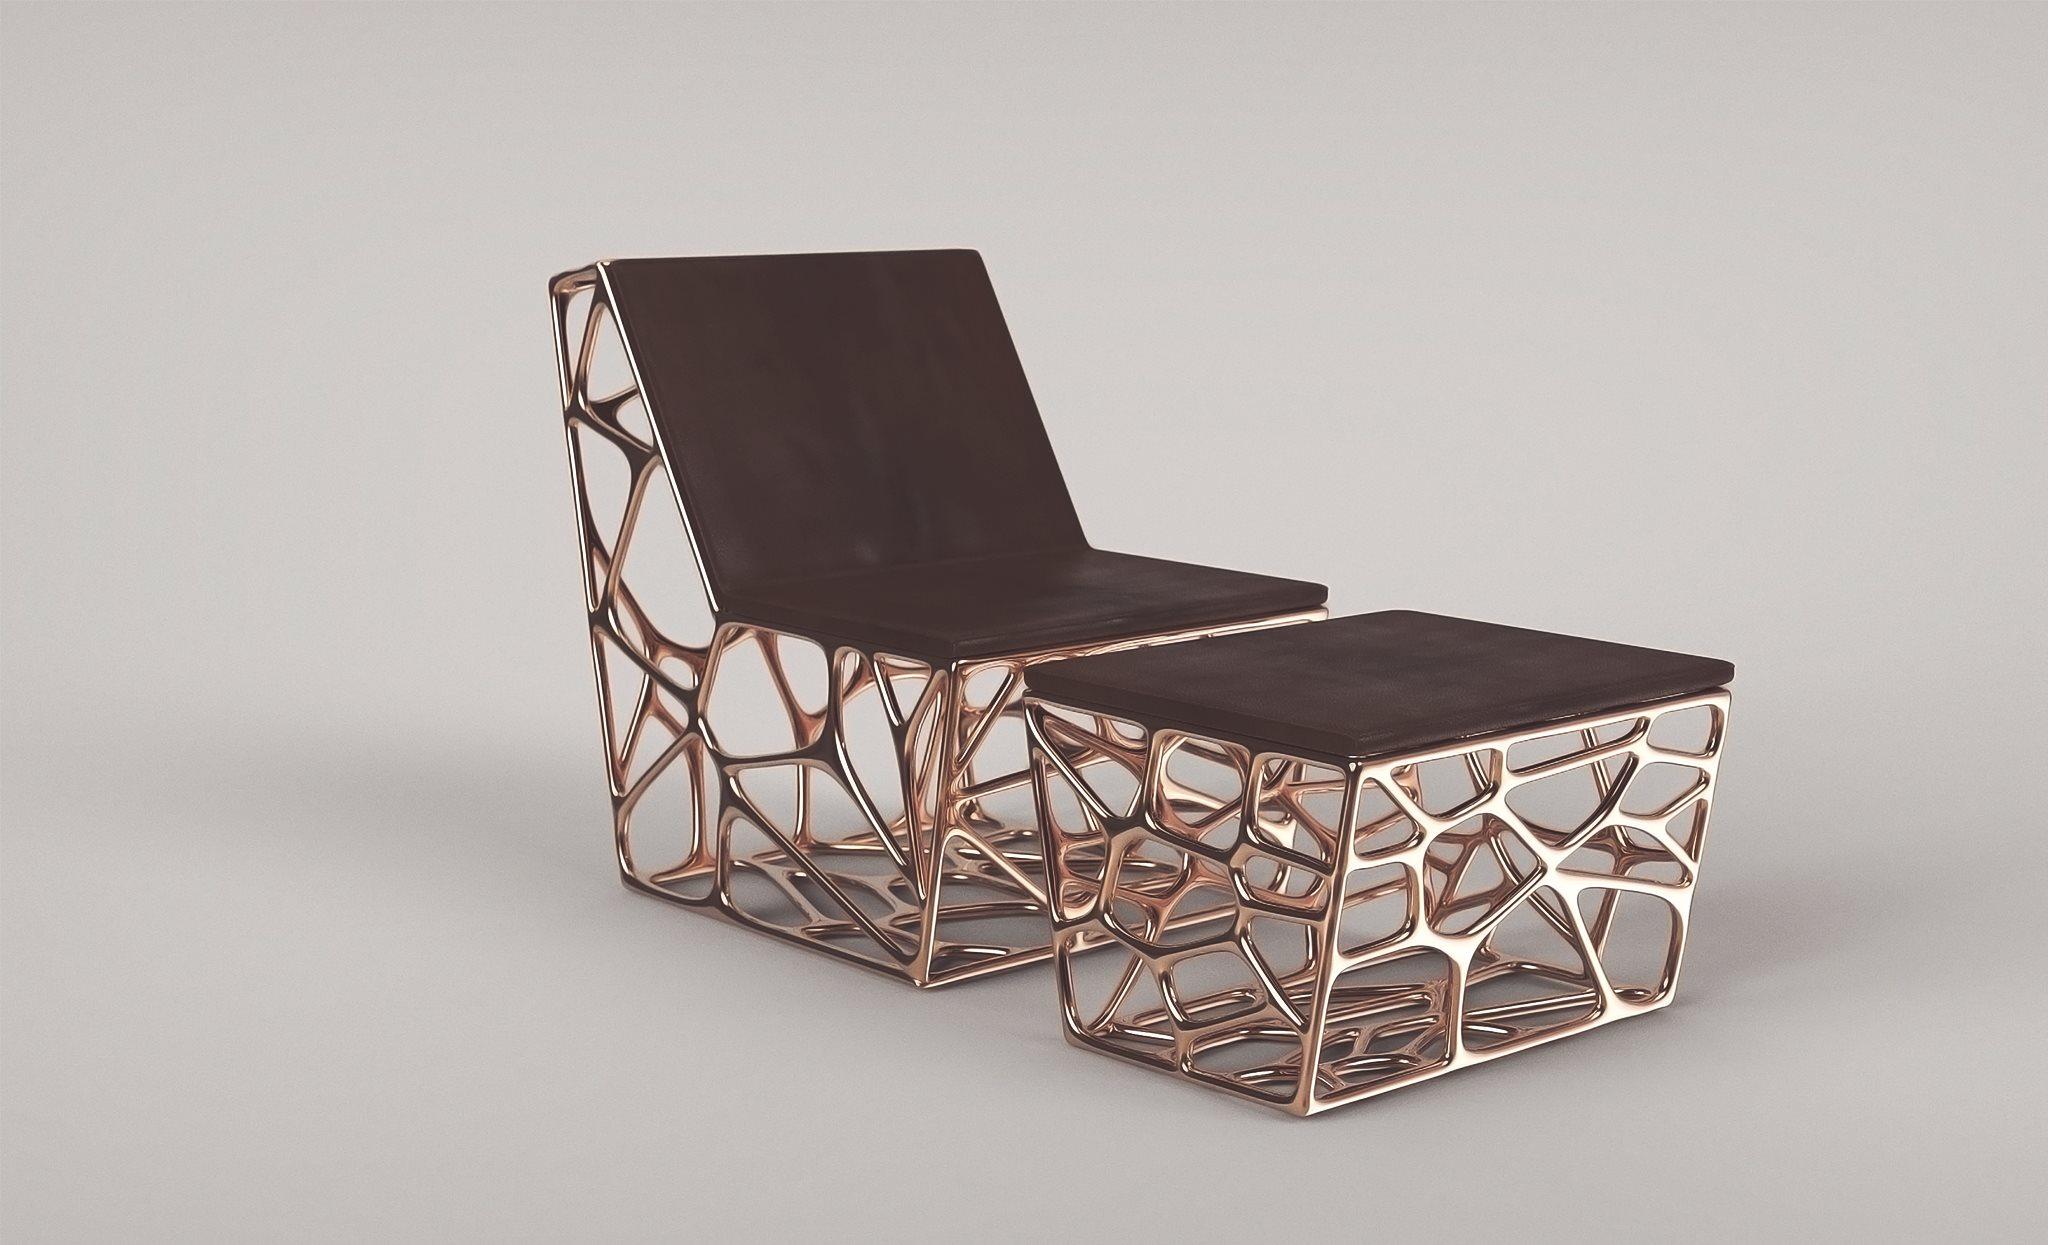 آینده طراحی داخلی - پرینت سهبعدی